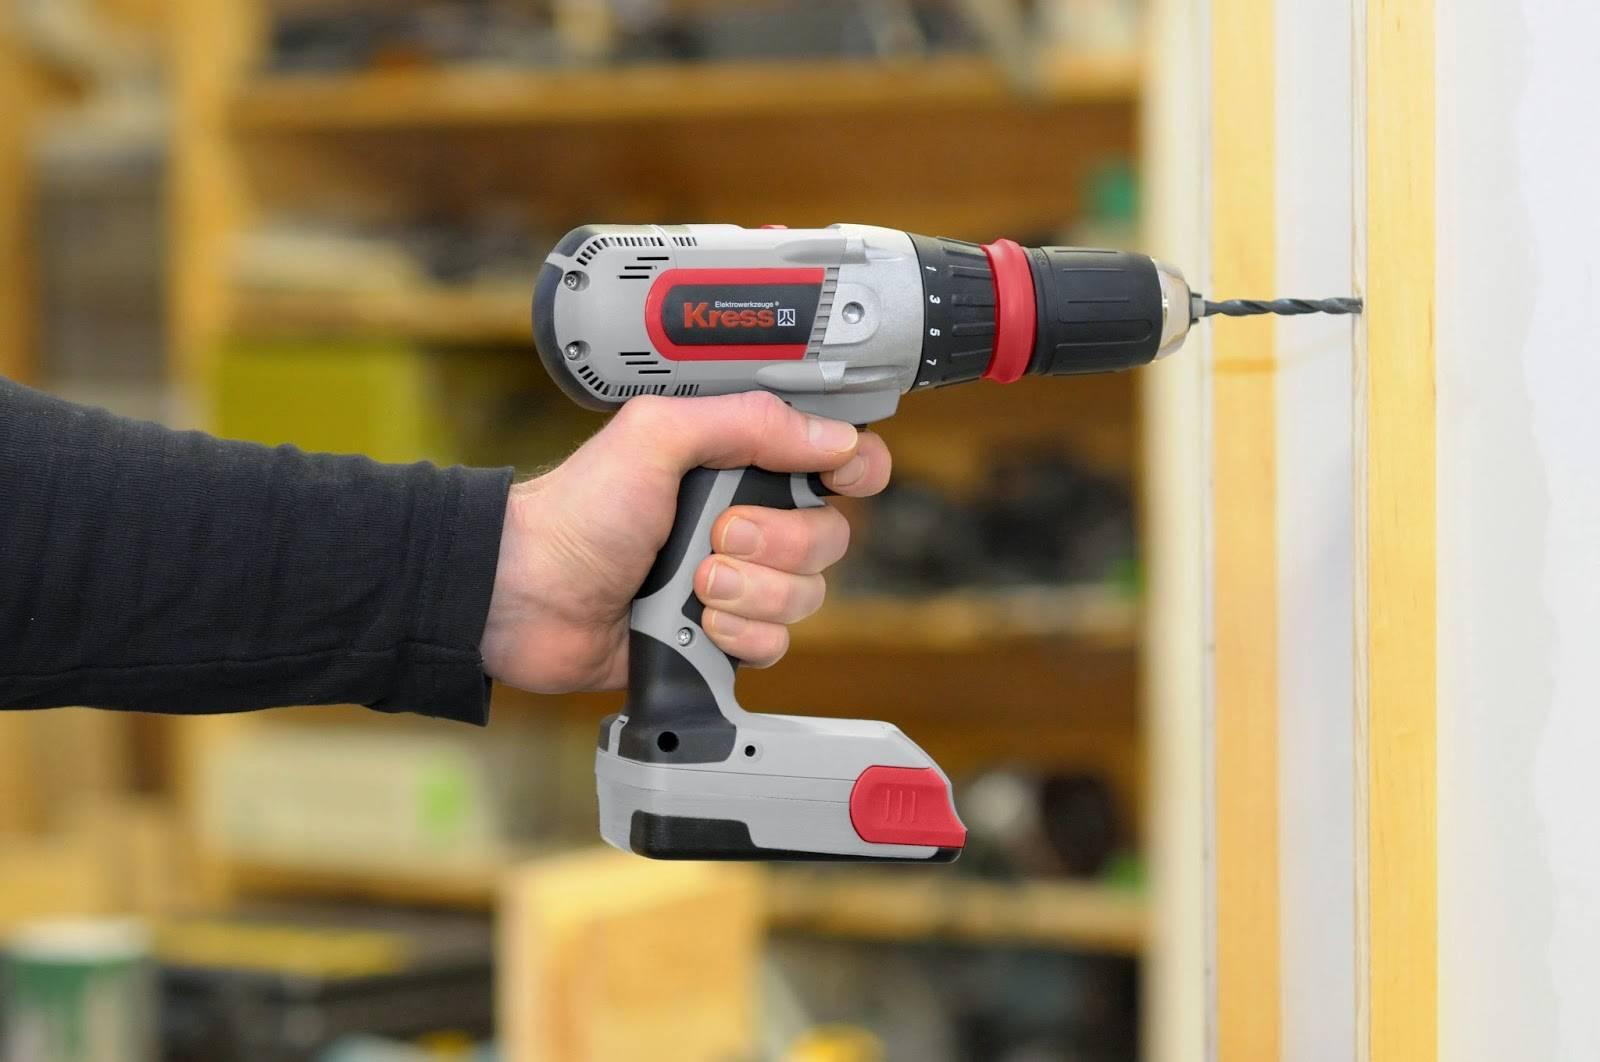 Как выбрать шуруповёрт для стройки и ремонта: советы и 5 важных параметров